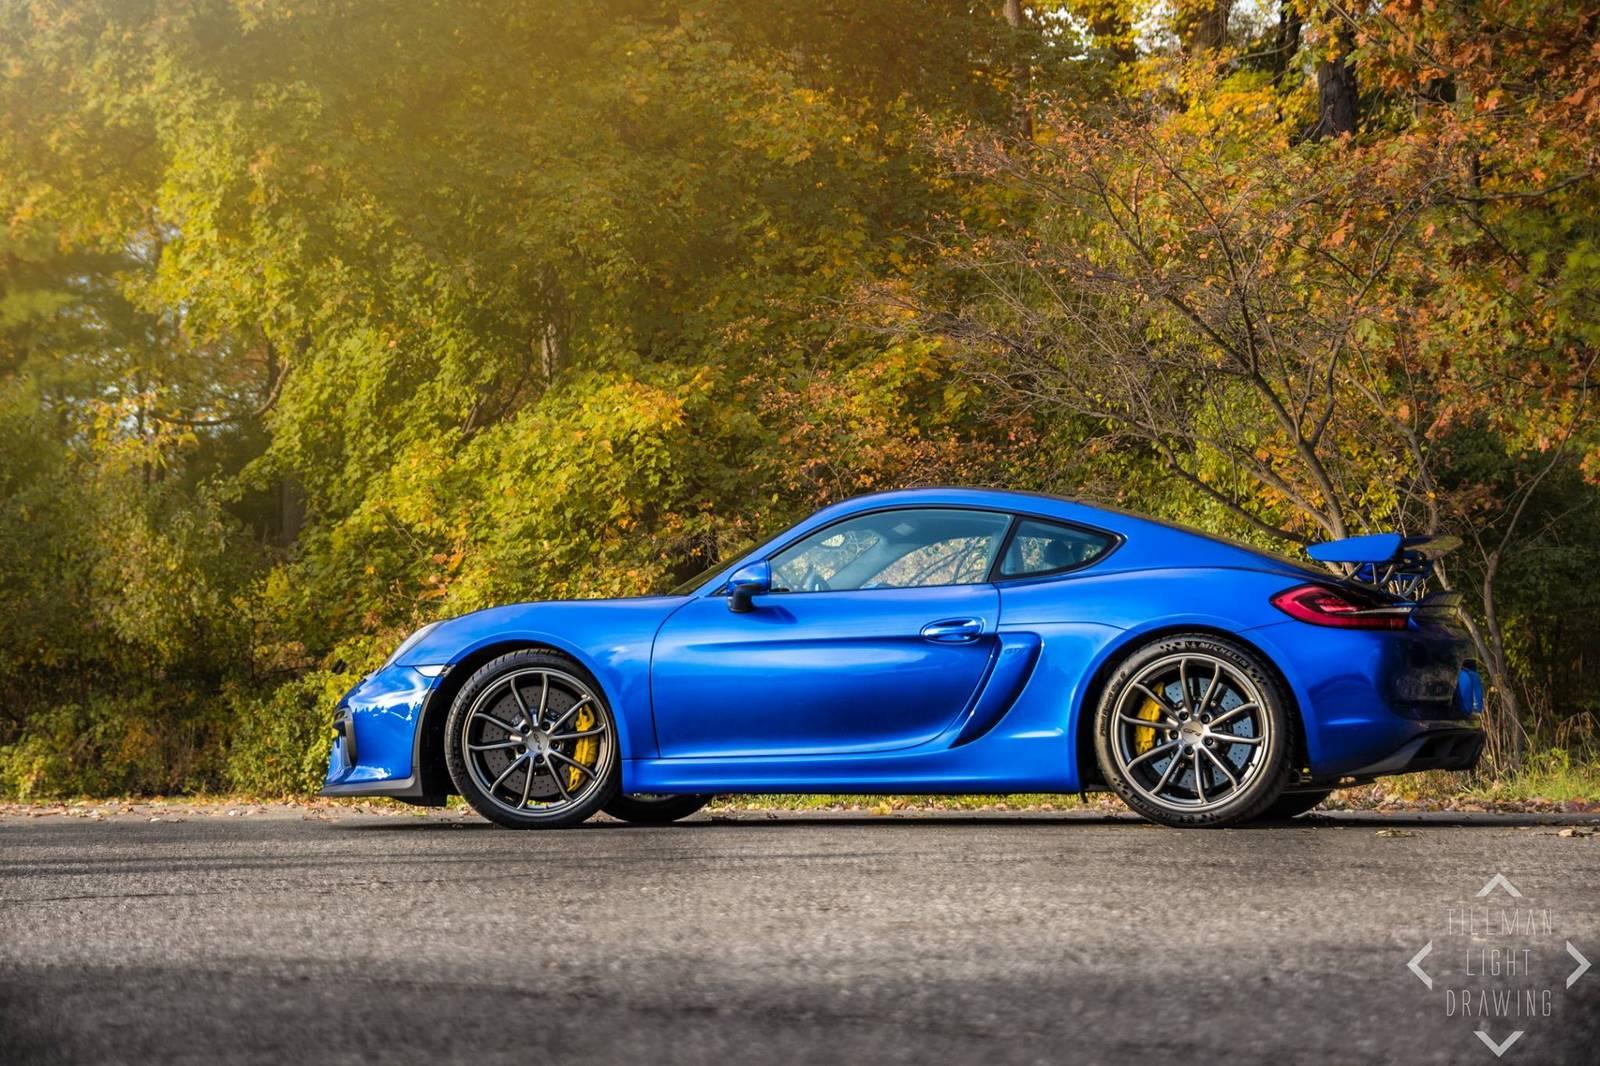 Photo Of The Day Stunning Blue Porsche Cayman GT4! , GTspirit